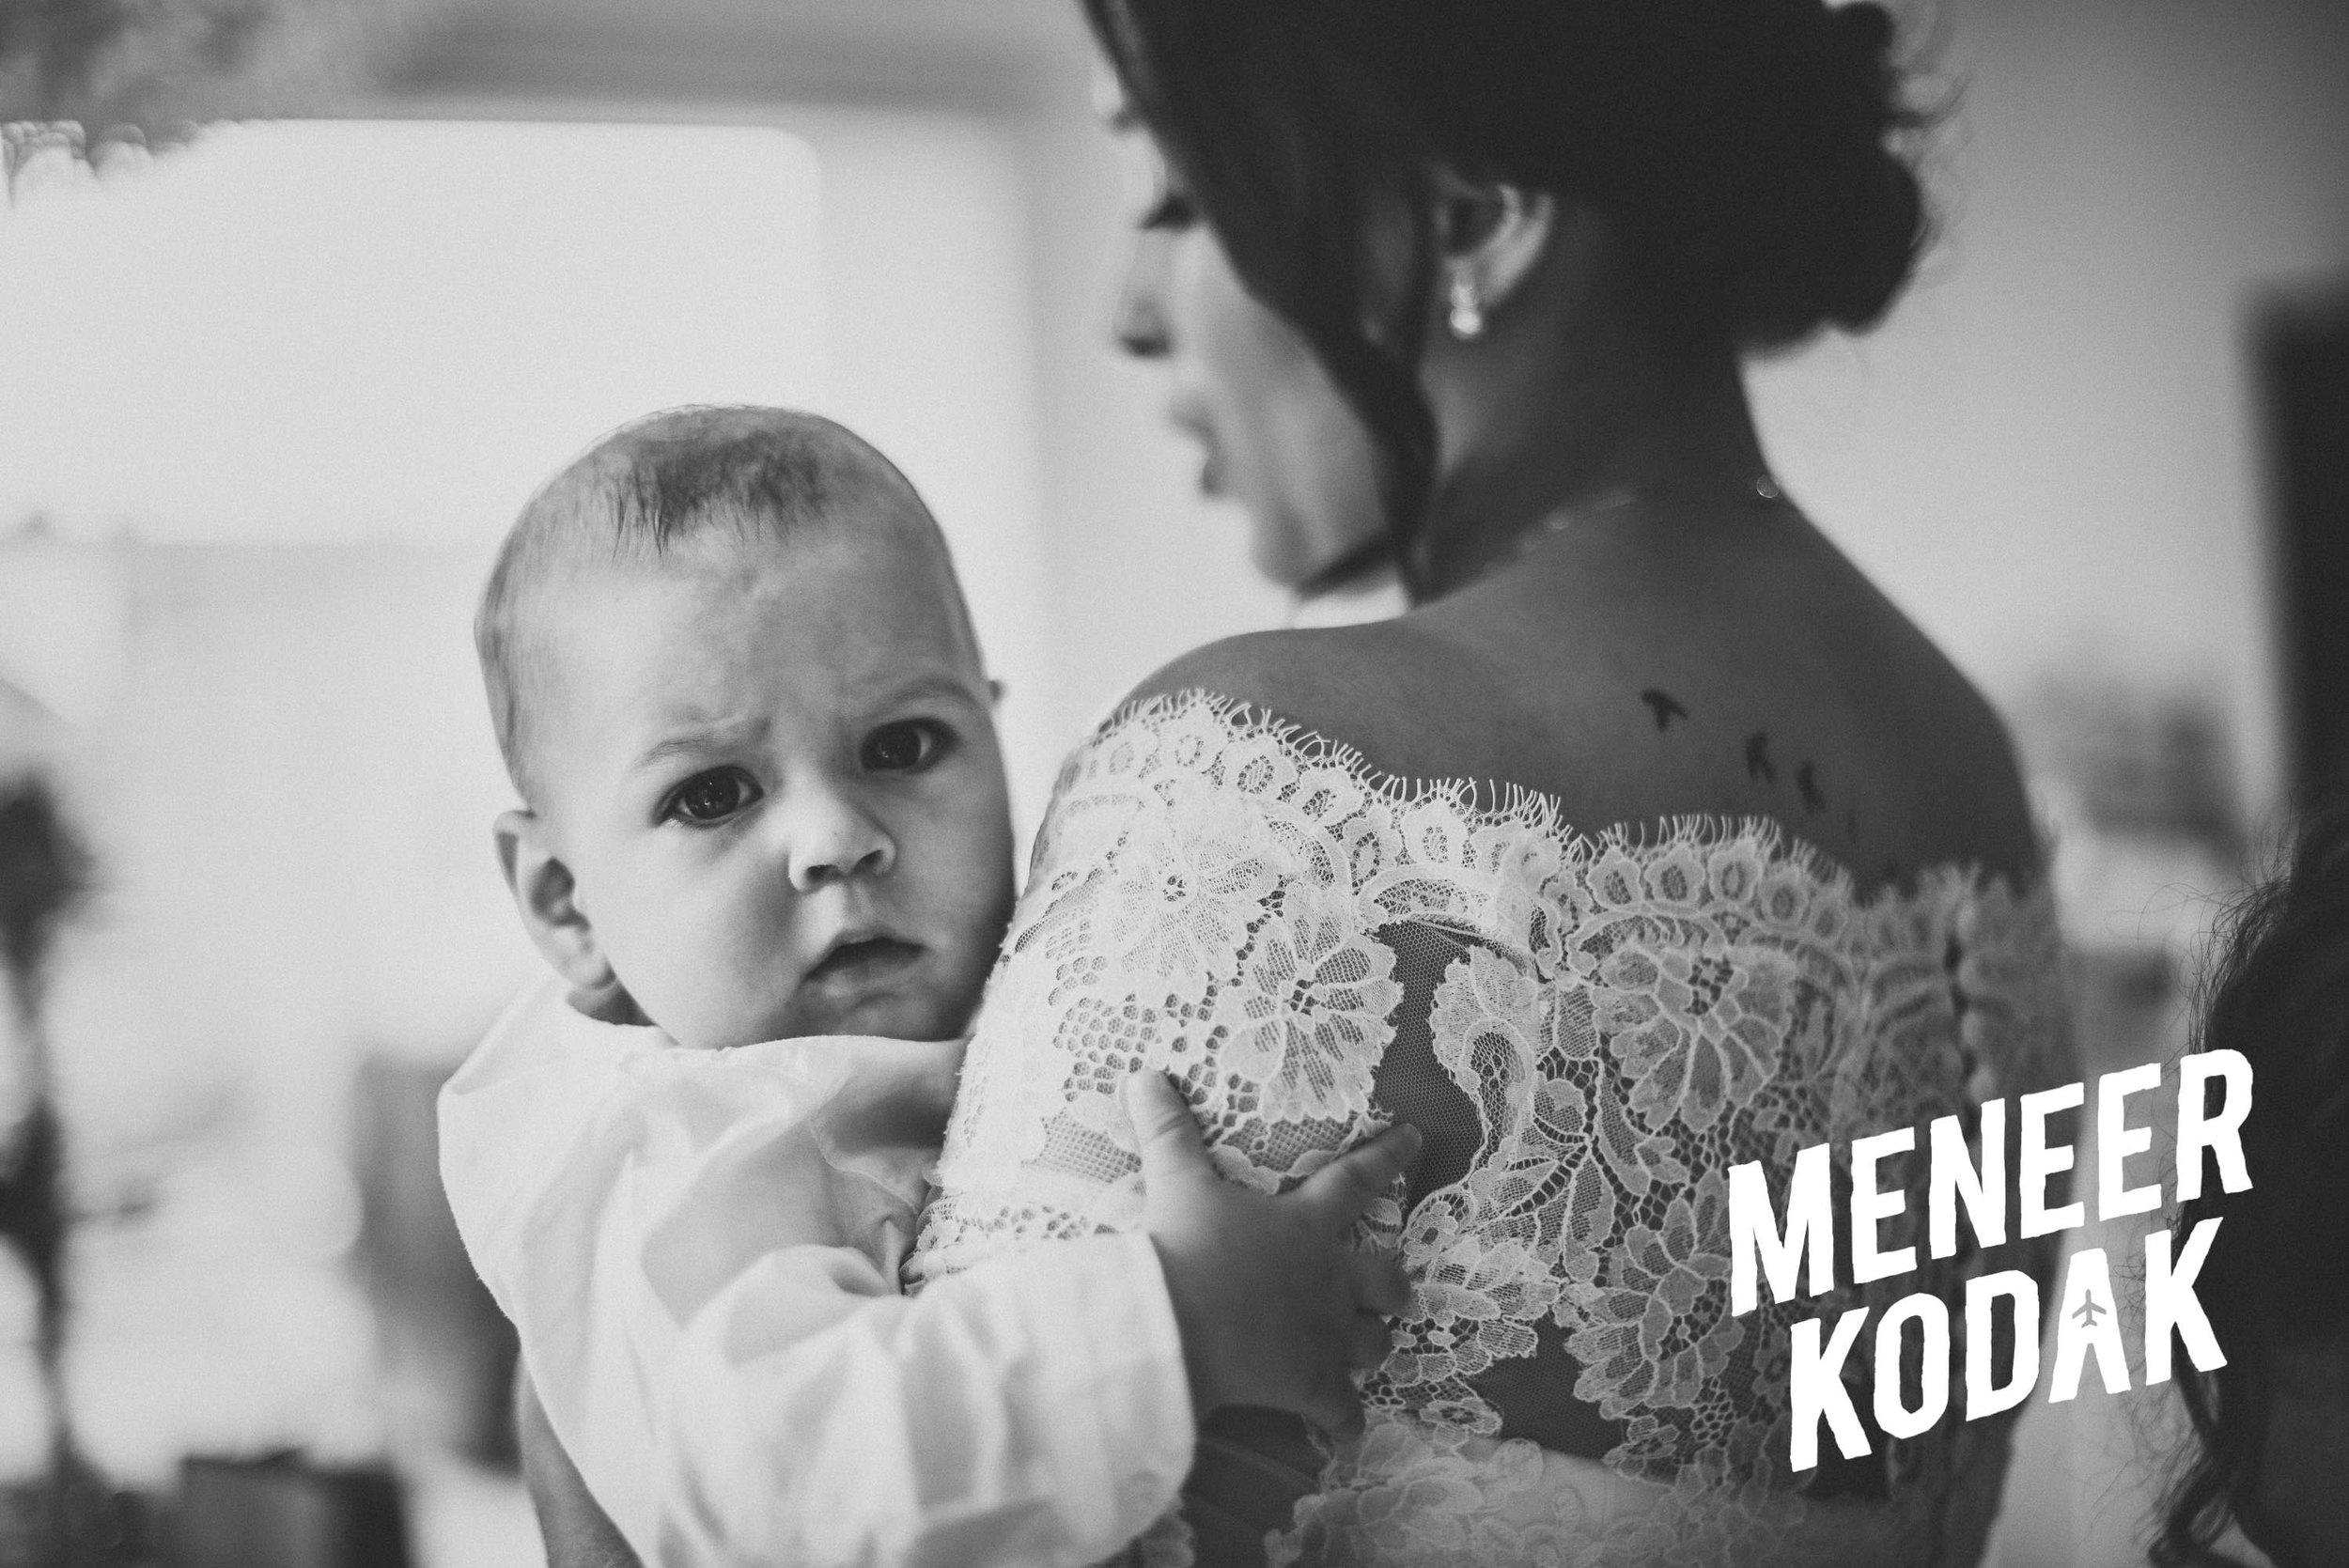 Meneer Kodak - Trouwfotograaf - Gent - D&T-010.jpg